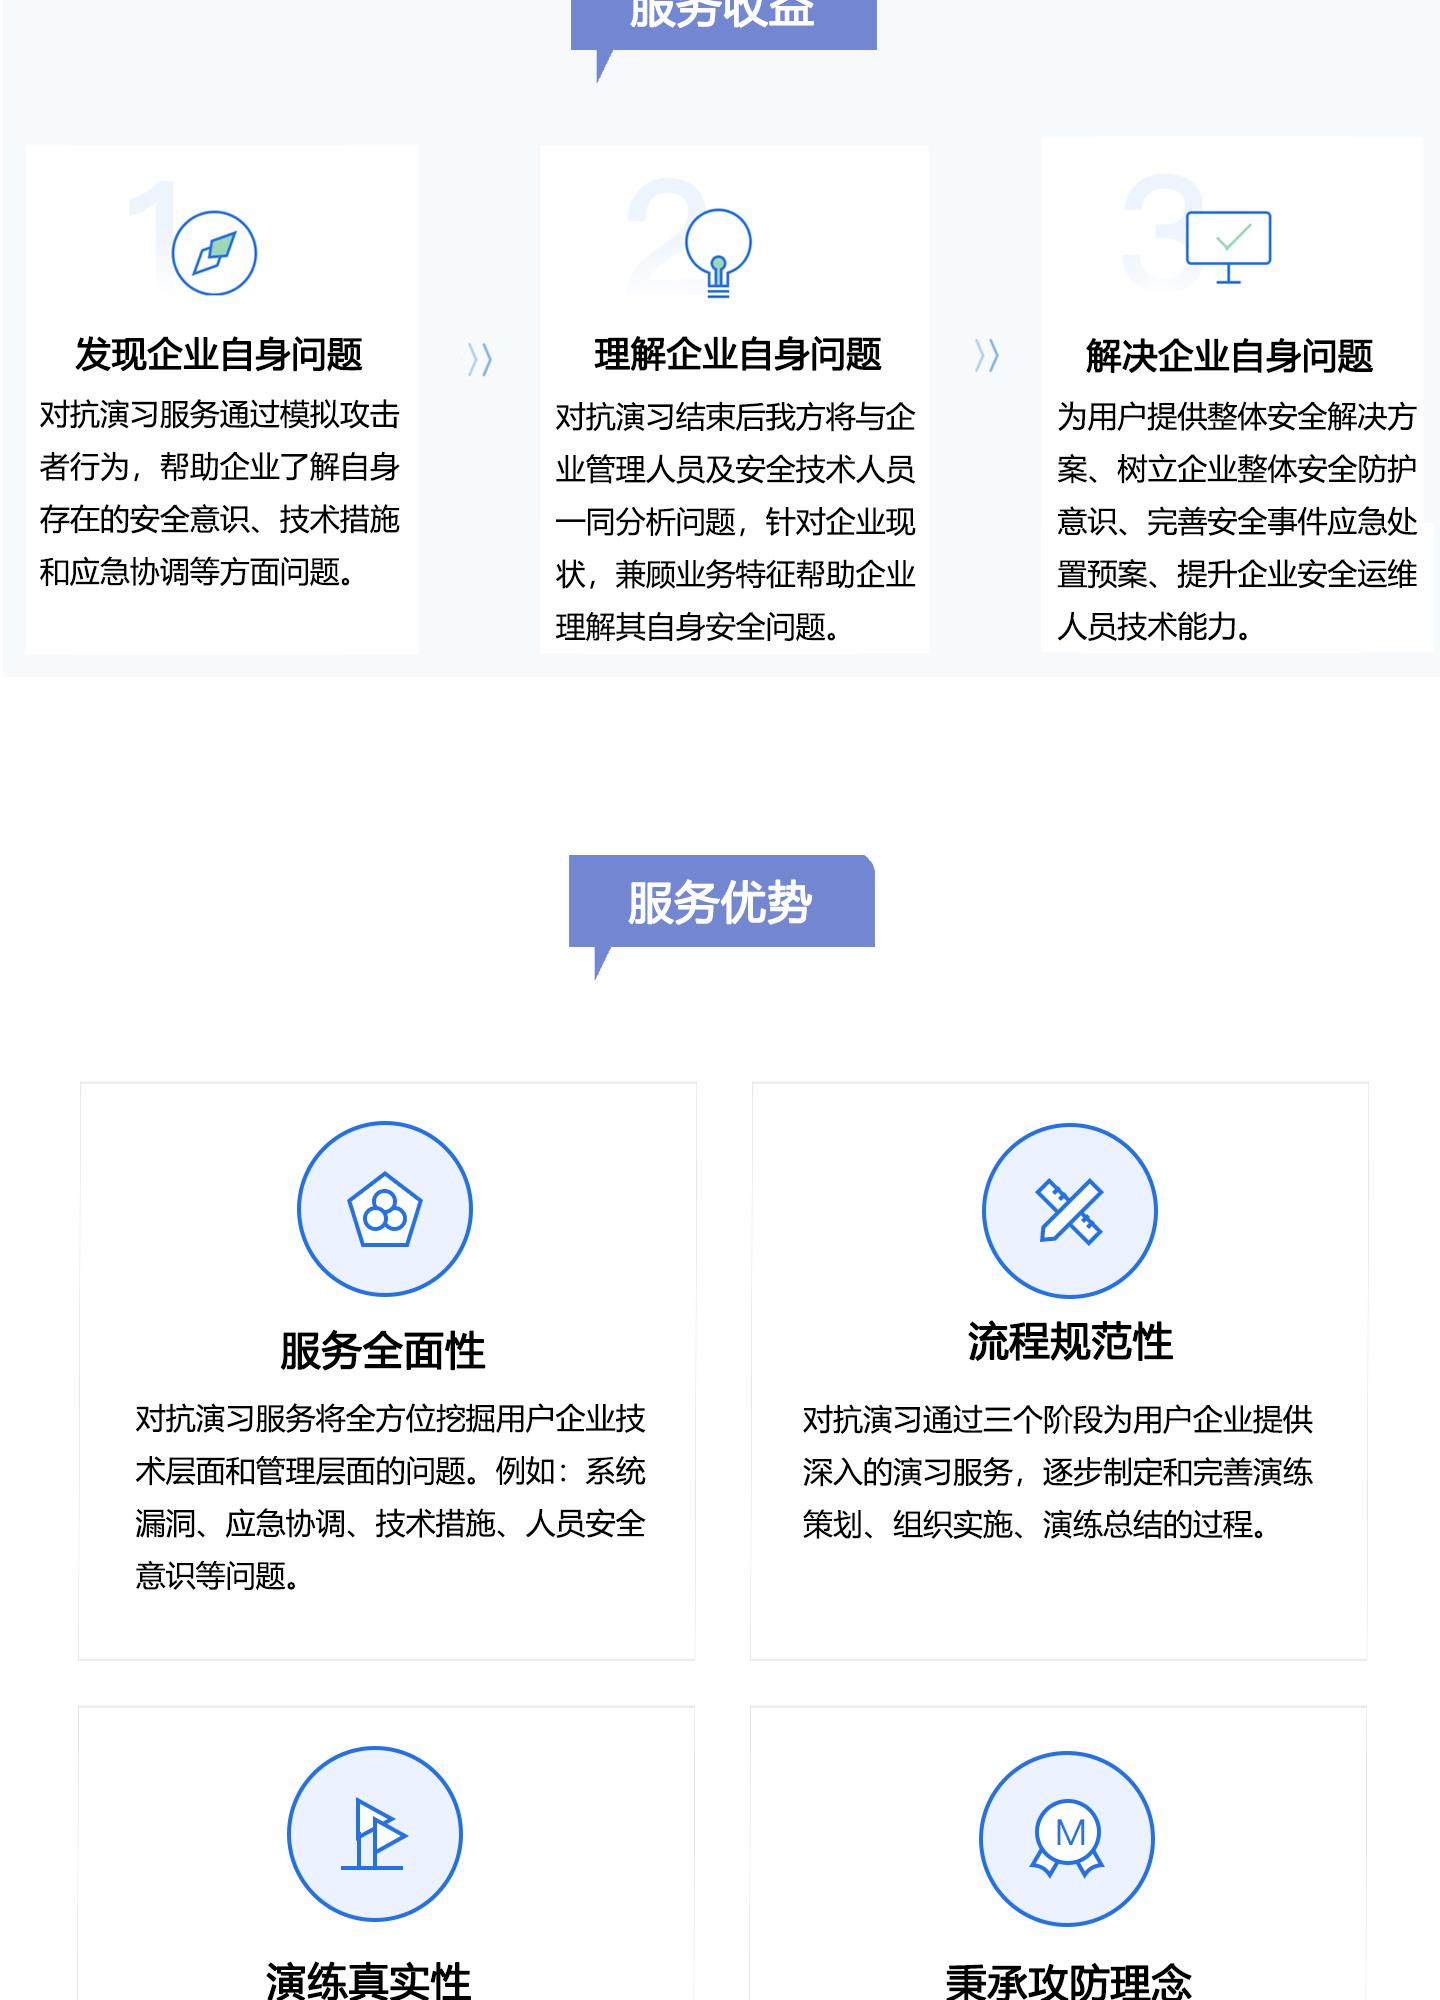 信息安全对抗演习服务1440_04.jpg